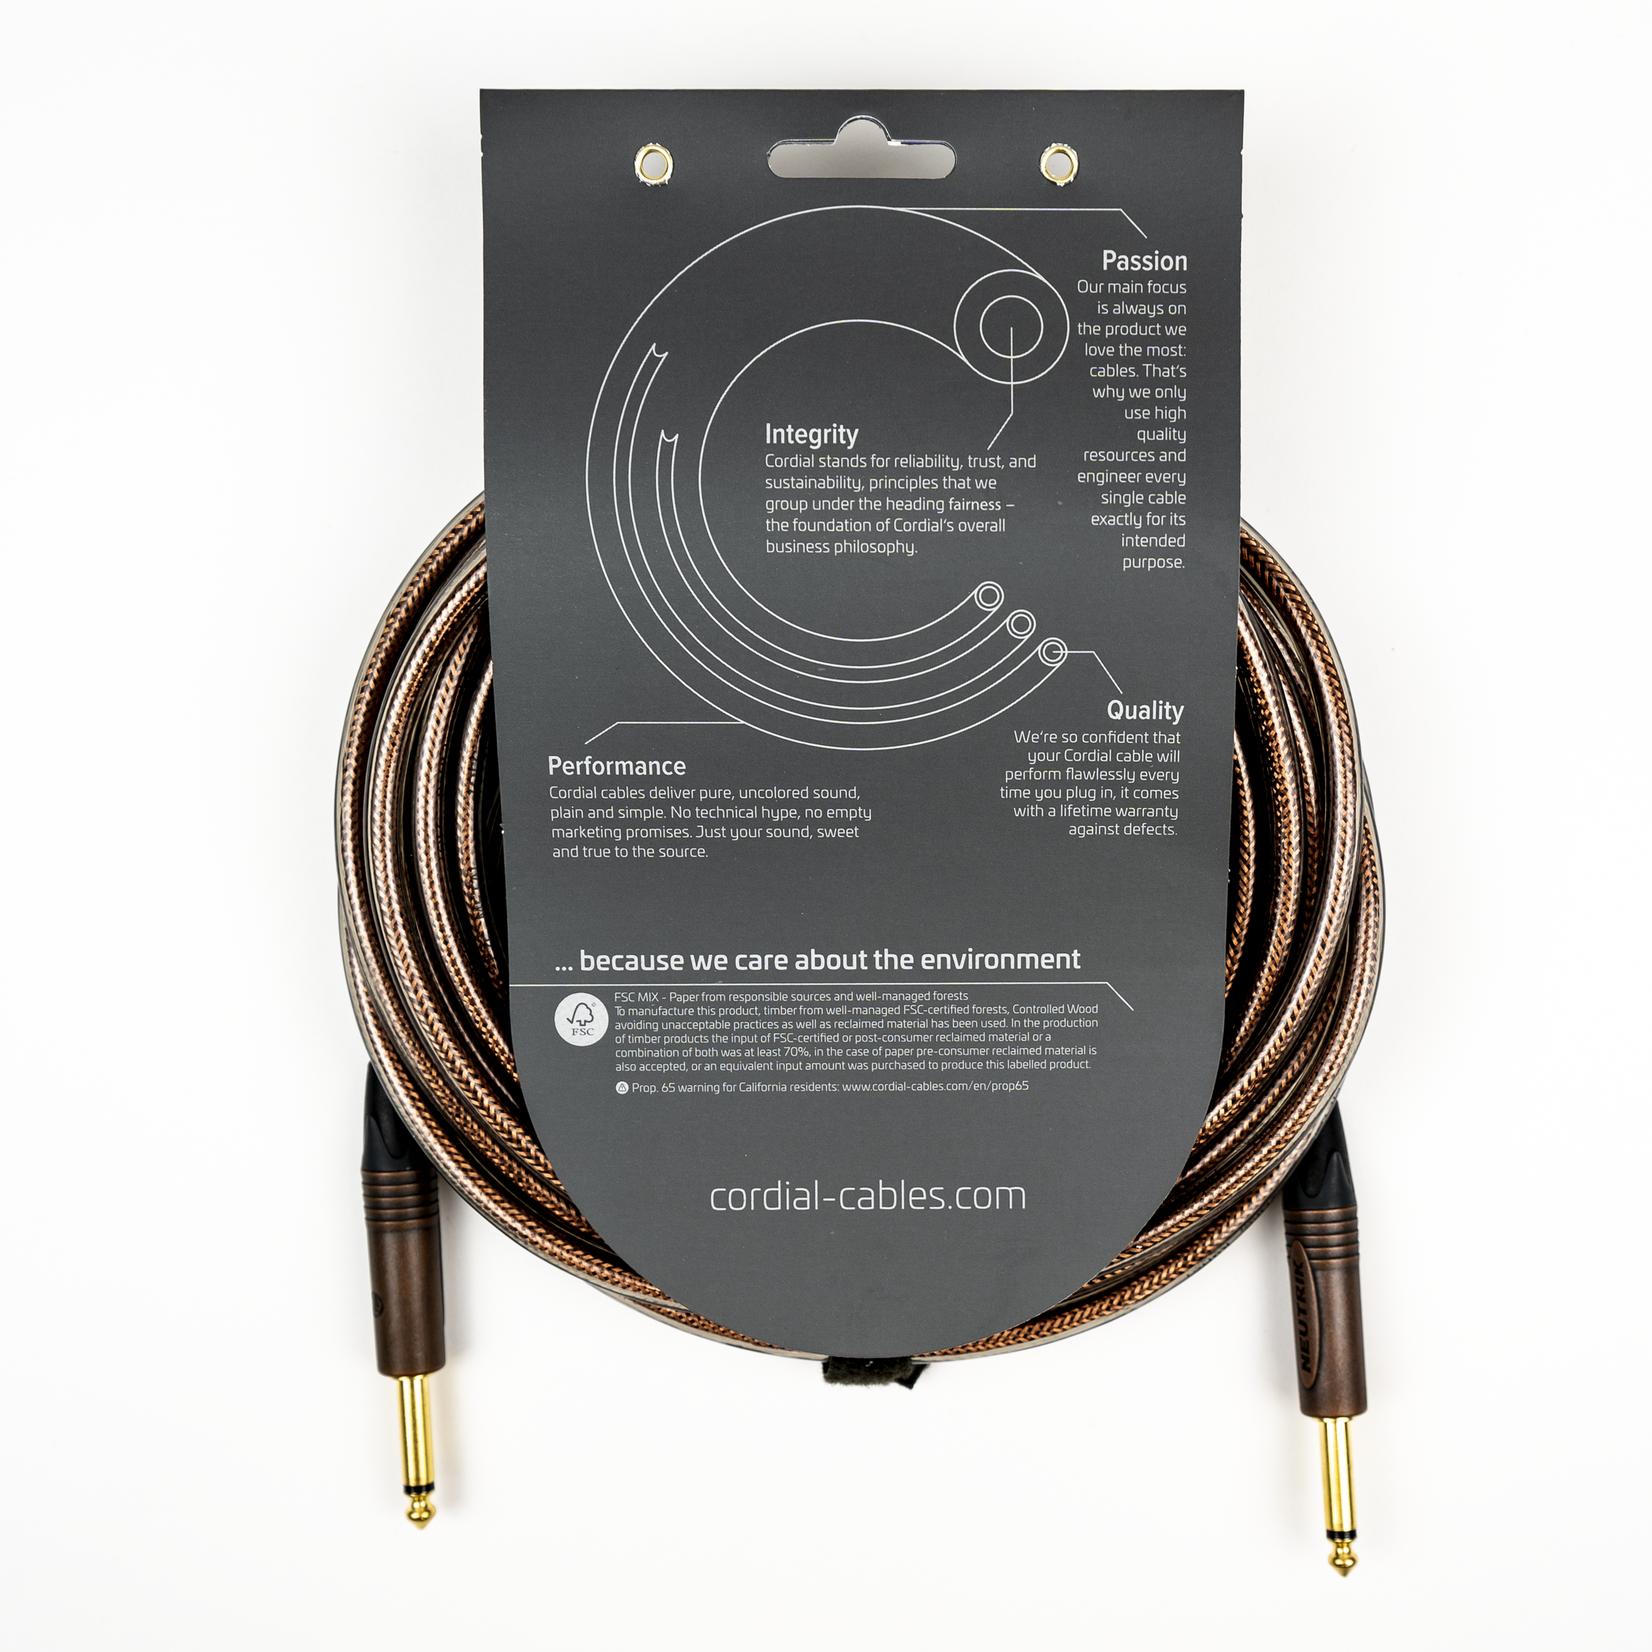 Cordial Cables Cordial 3m /9.84' Premium High-Copper German Instrument Cable, Neutrik Connectors, CSI 3 PP-METAL